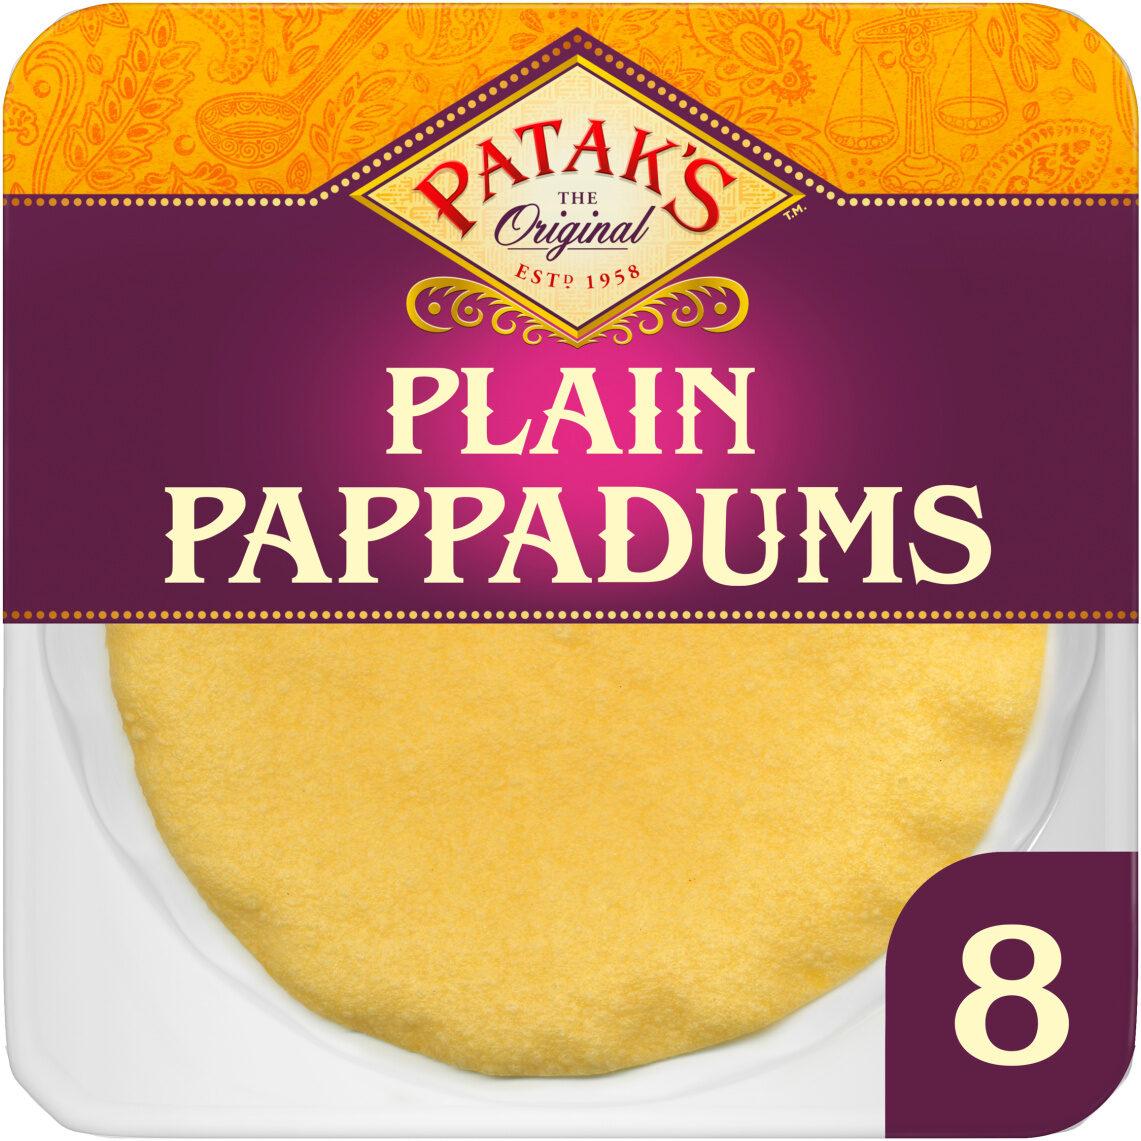 Plain Pappadums x 8 - Produit - en